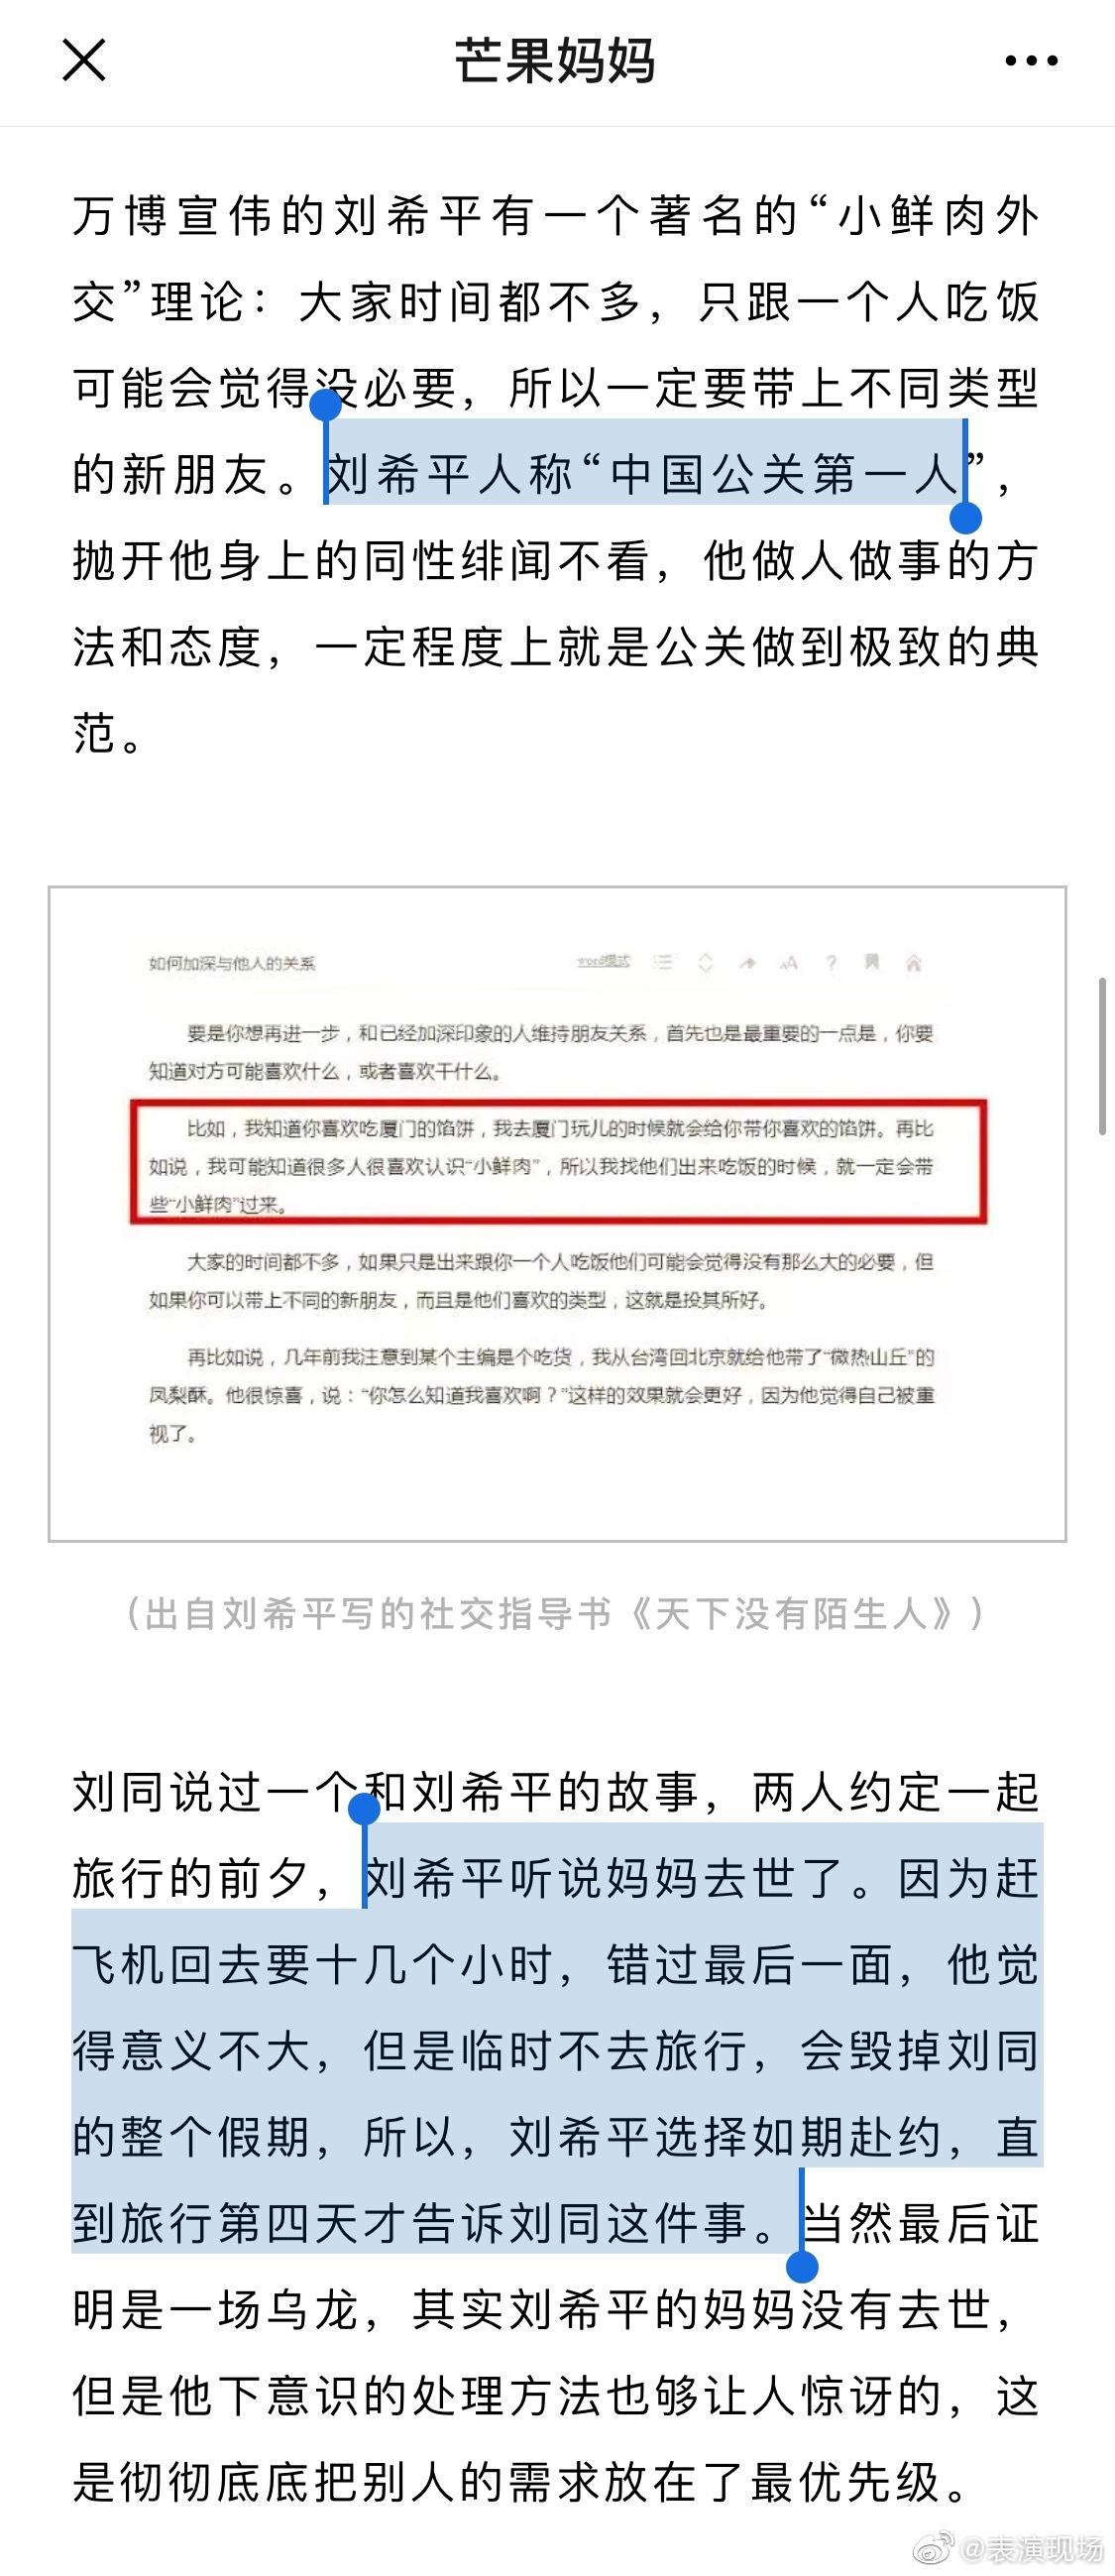 万博宣伟中国区主席刘希平曾为了不爽约和好朋友——光线影业副总裁刘